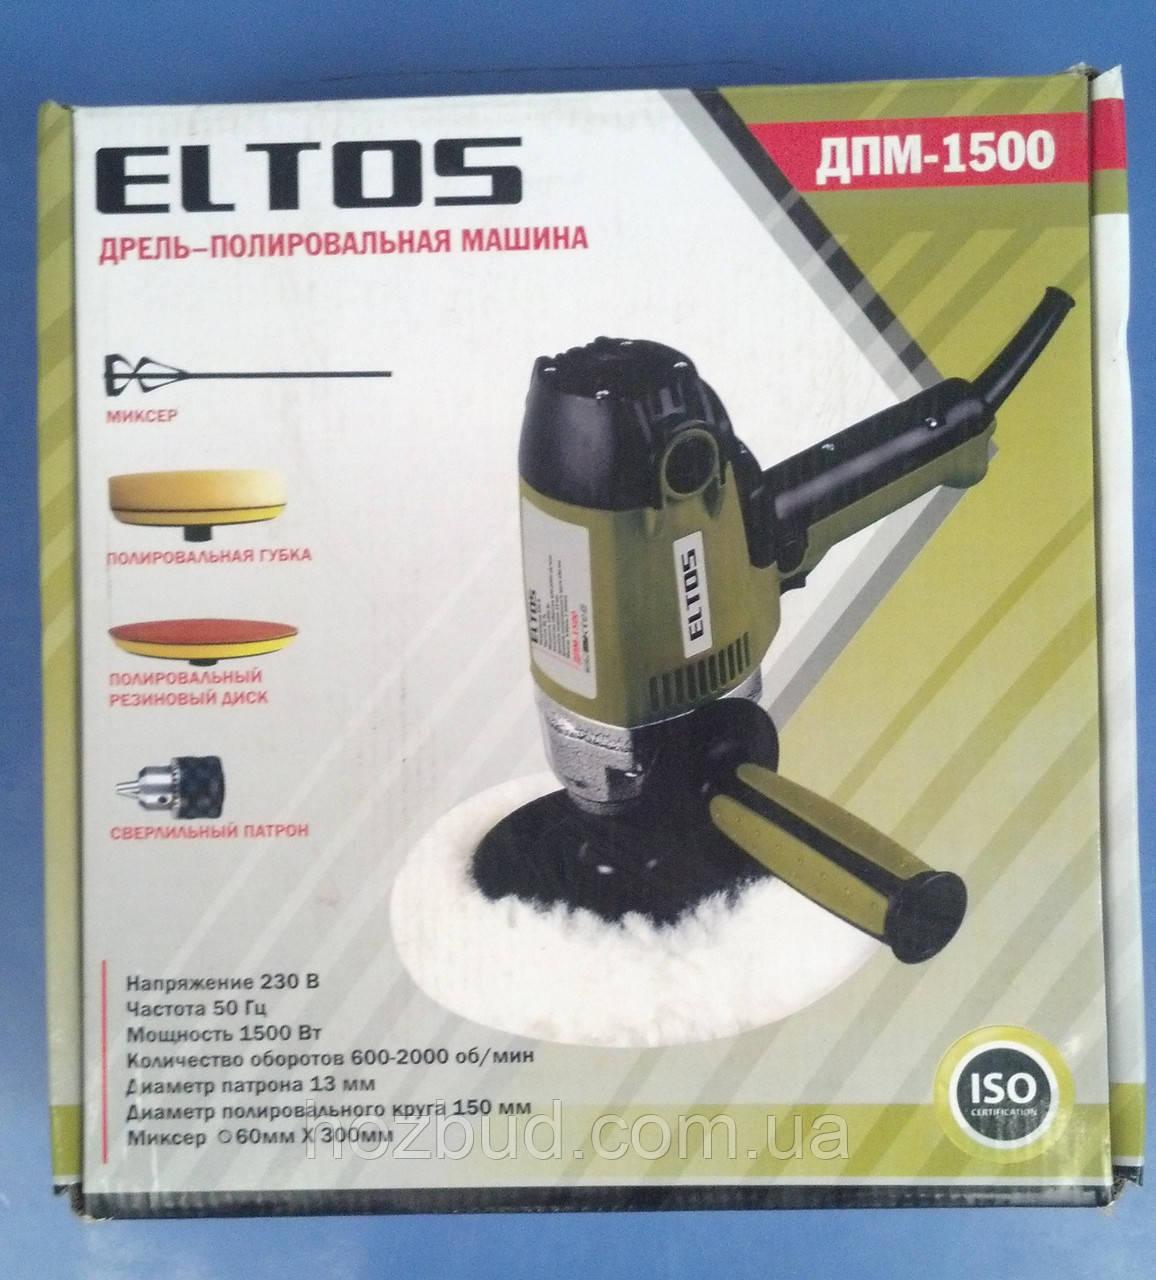 Дрель-полировальная машина Eltos ДПМ-1500